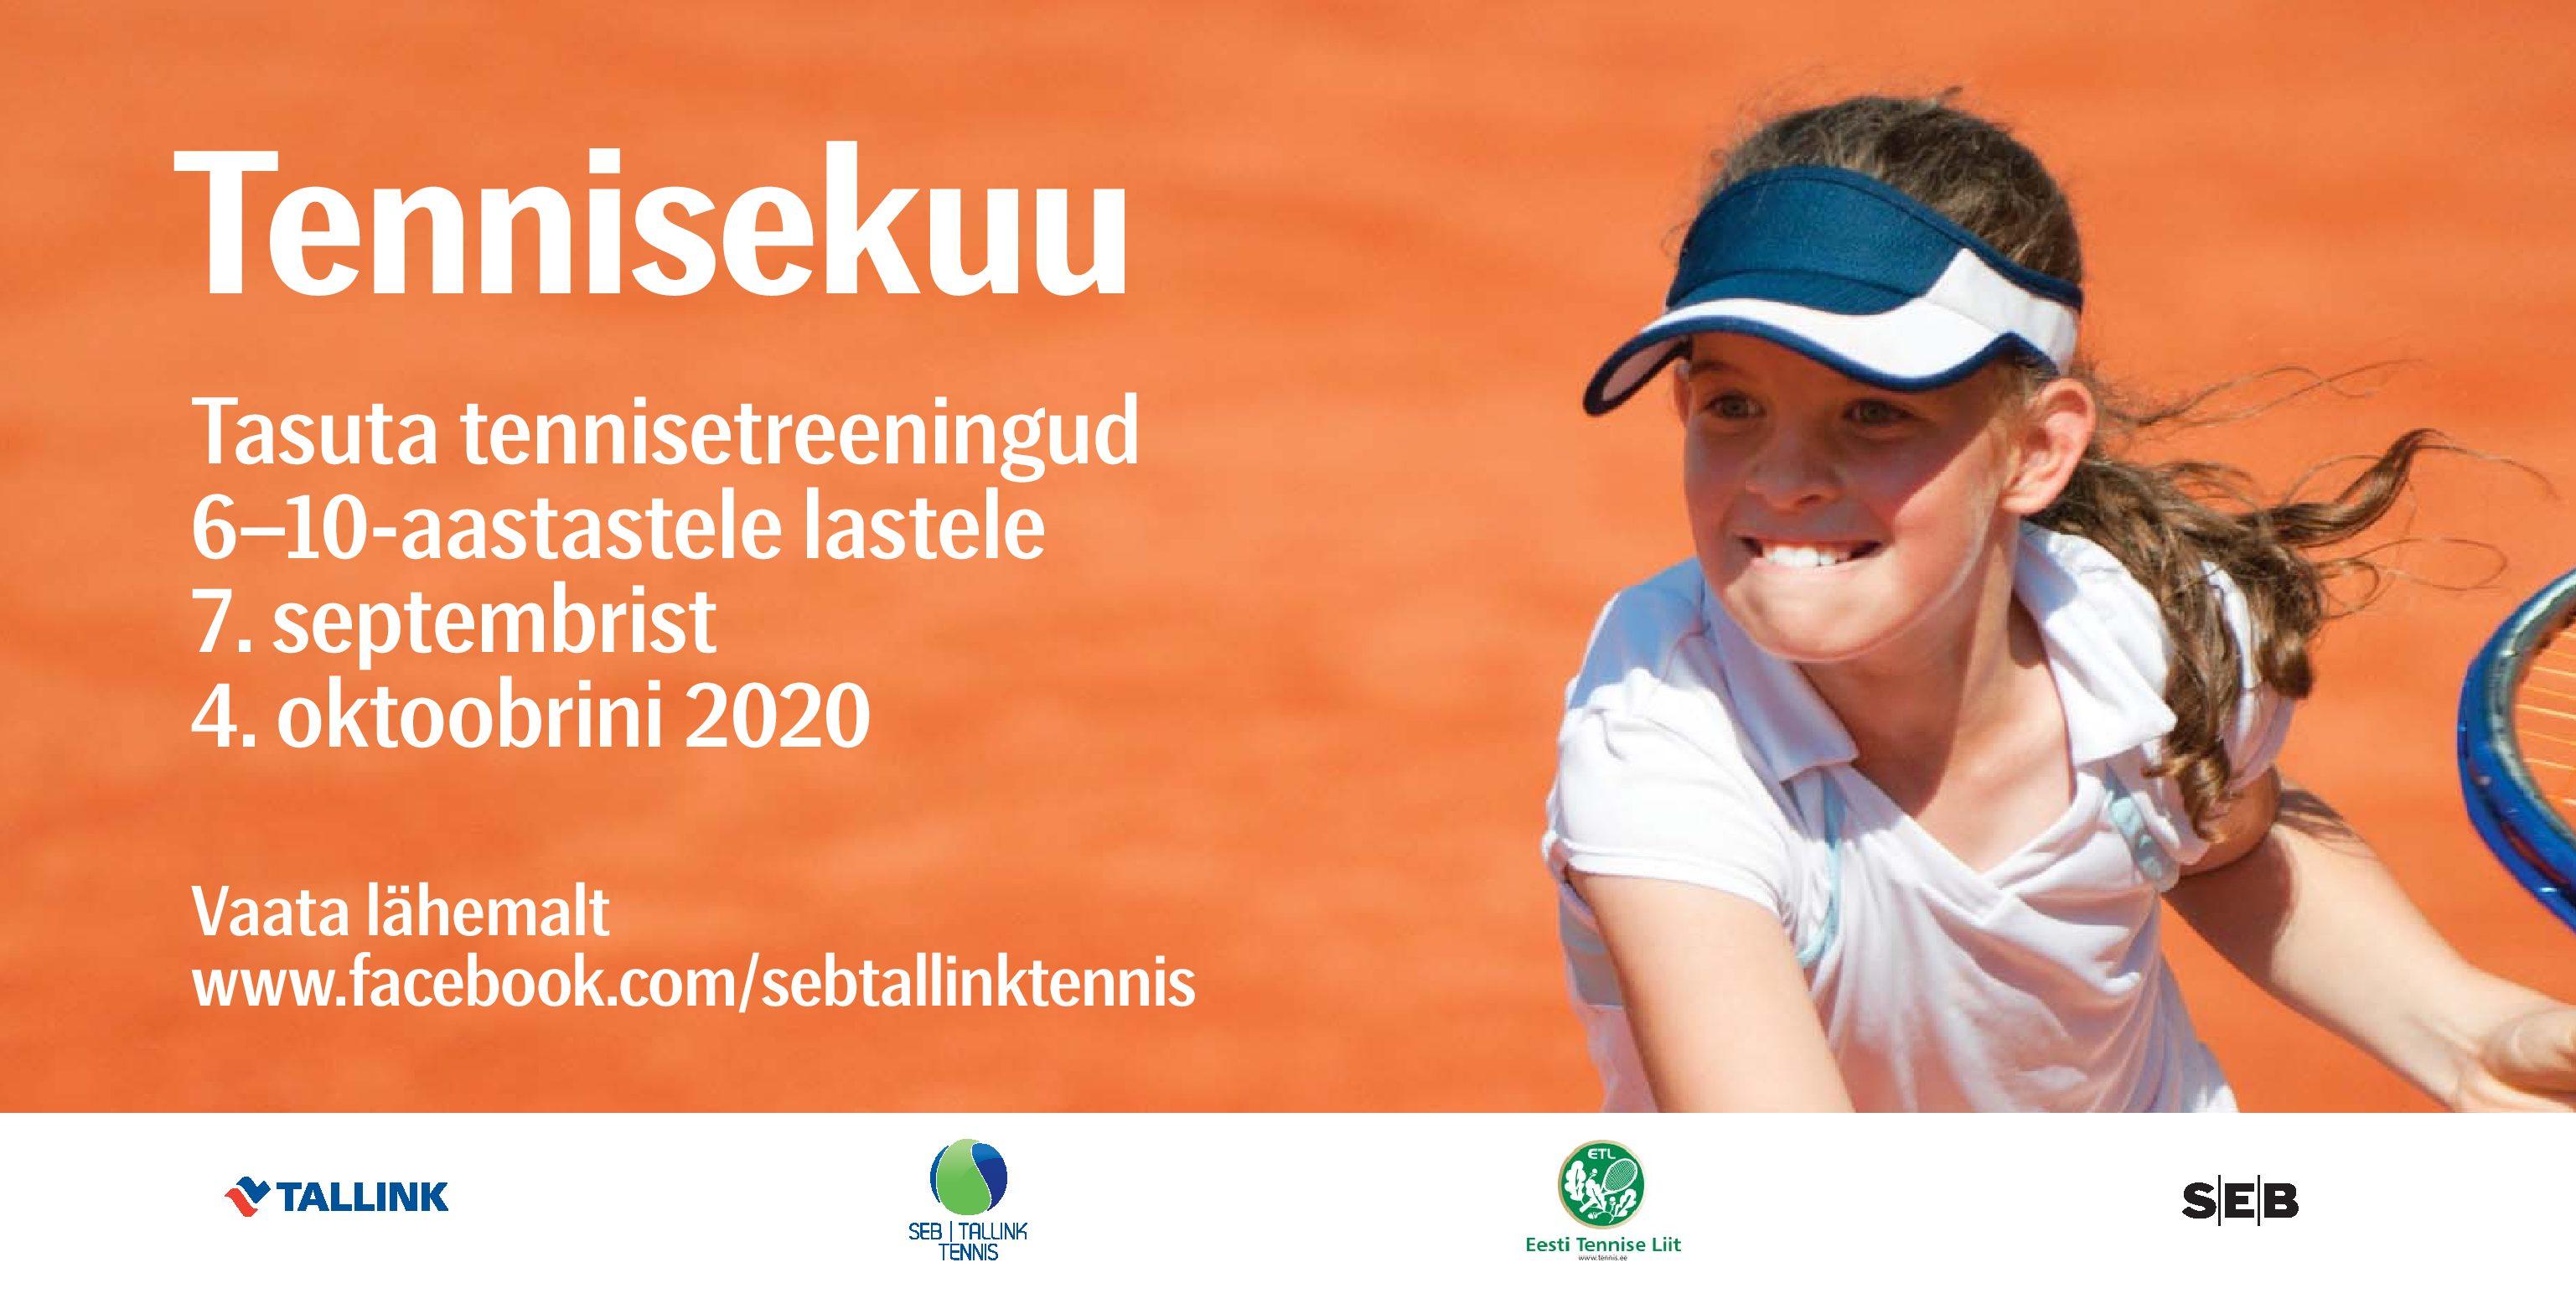 TASUTA tennisetreeningud lastele!